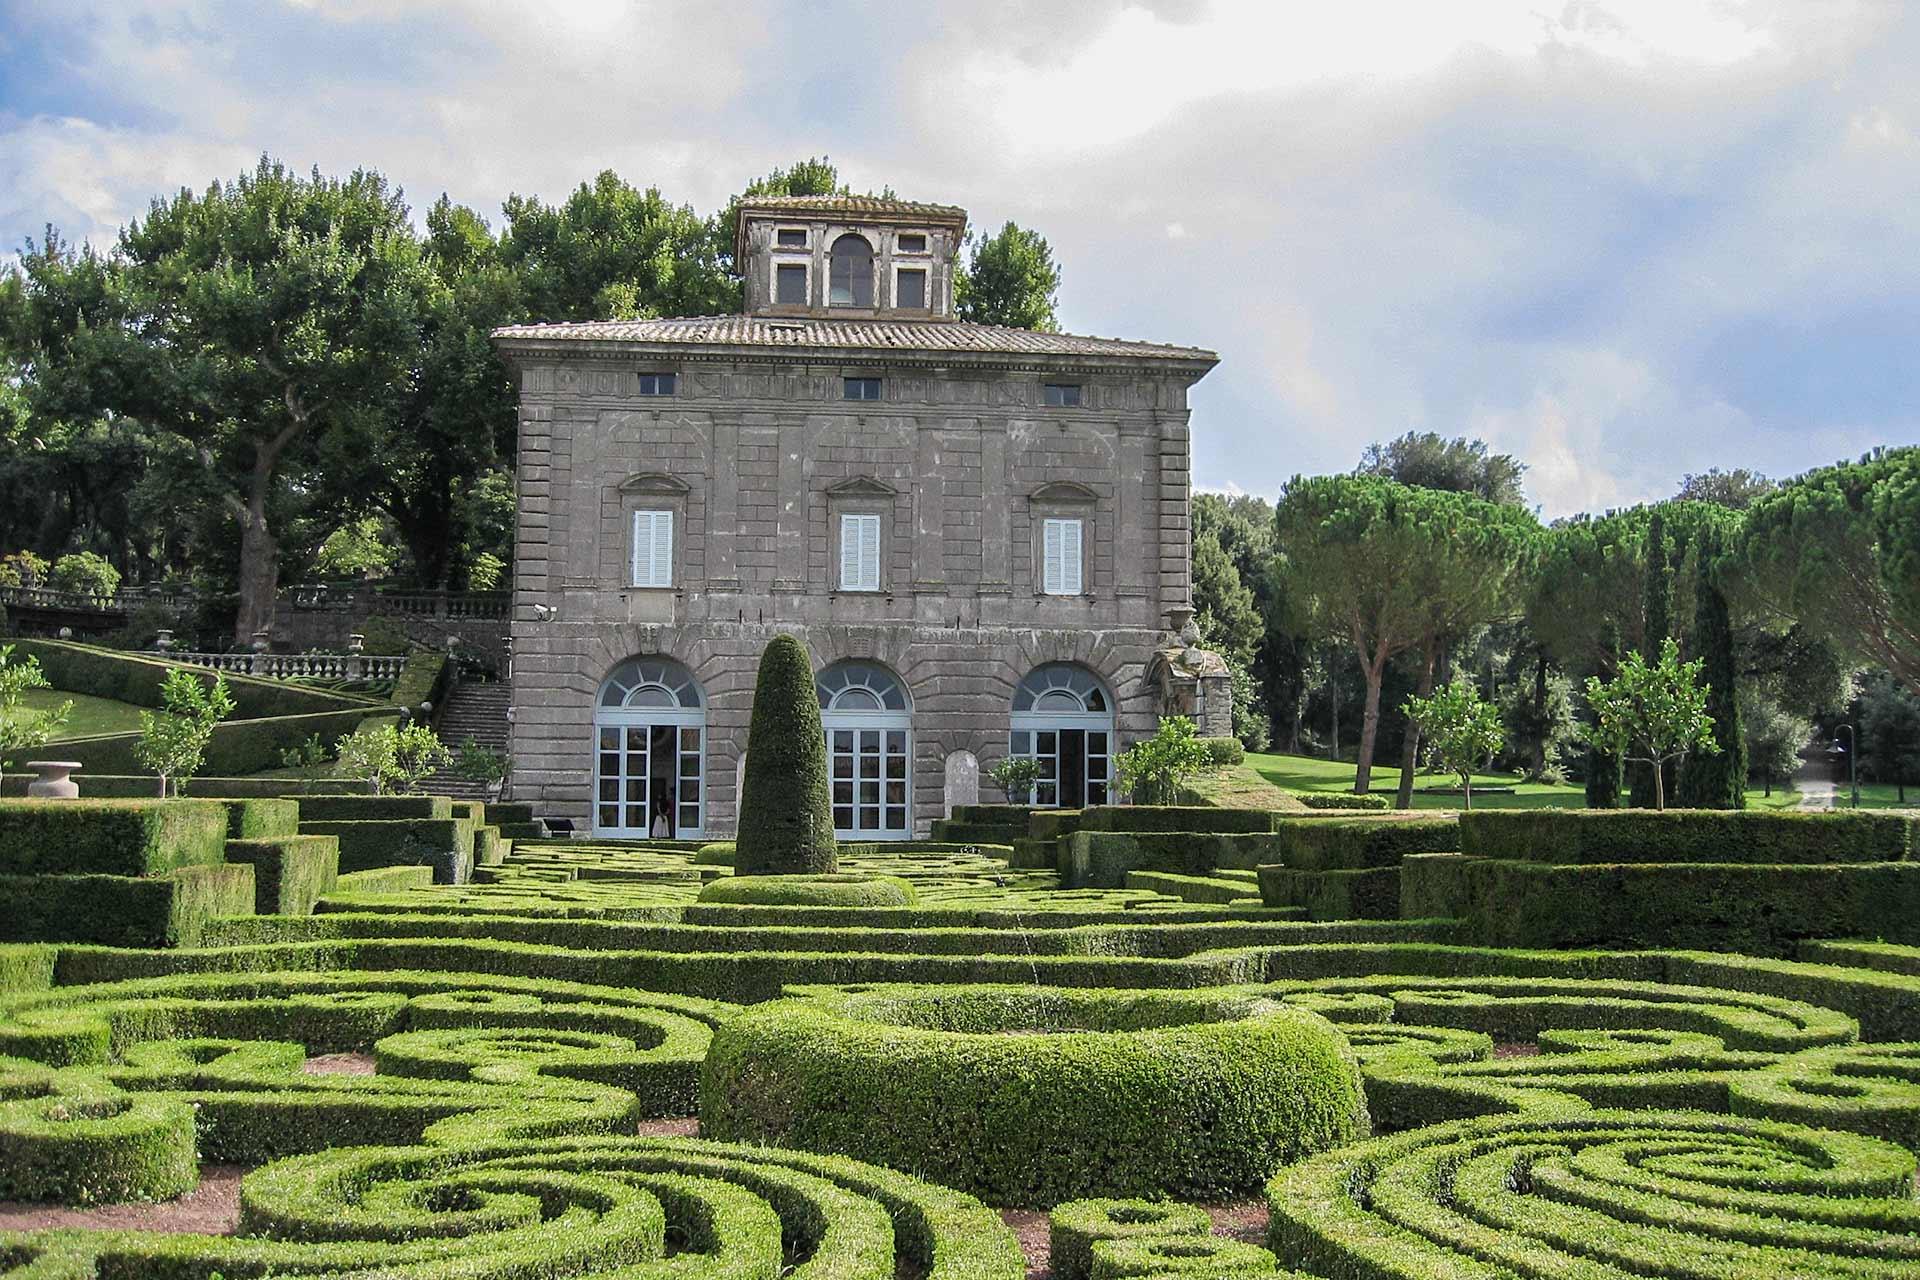 23b93d539d Visita i giardini storici della Tuscia e rilassati al Castello ...